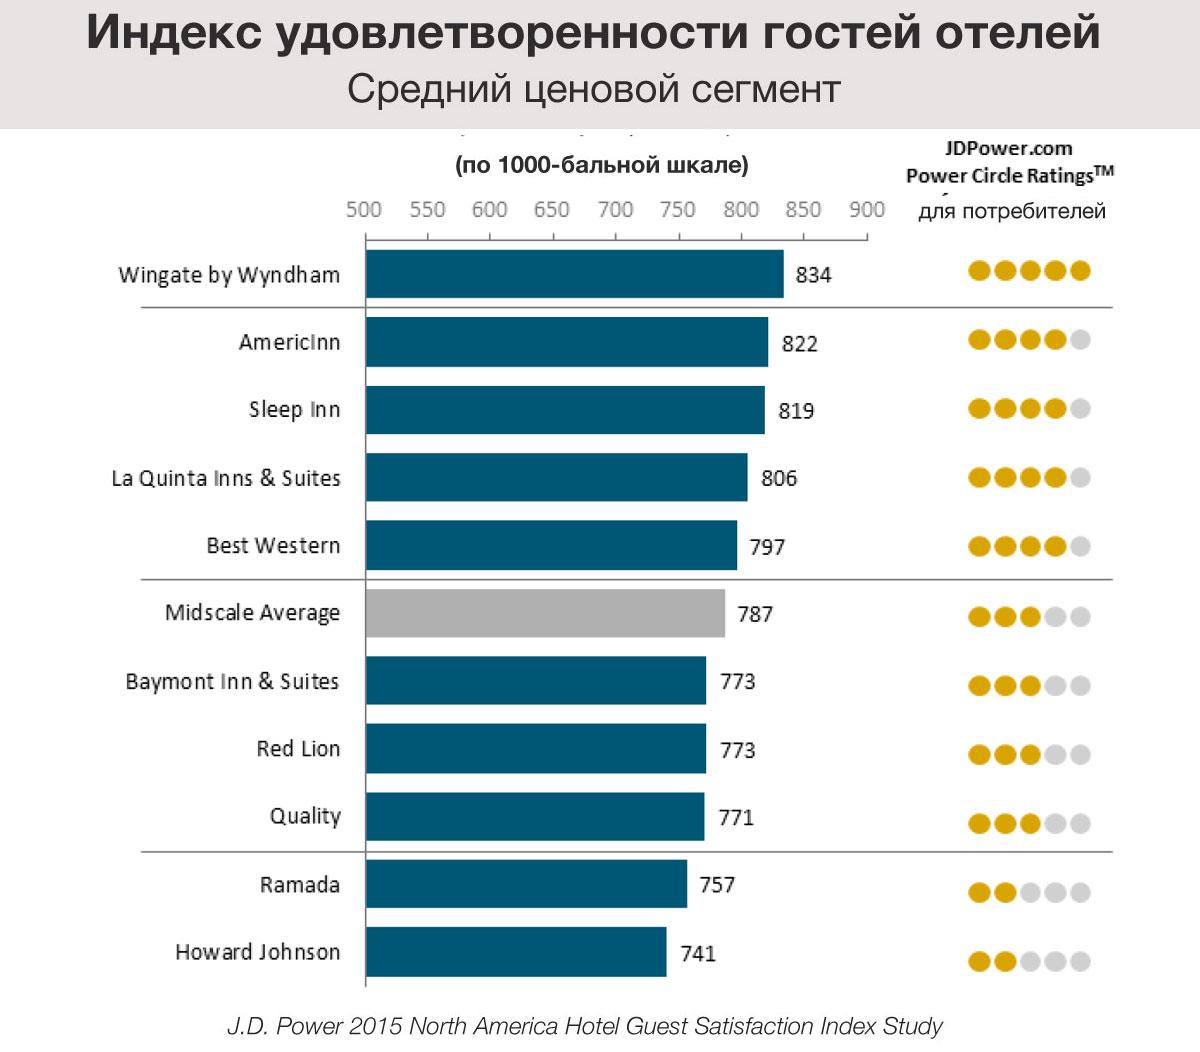 Индекс удовлетворенности гостей среднего сегмента отелей